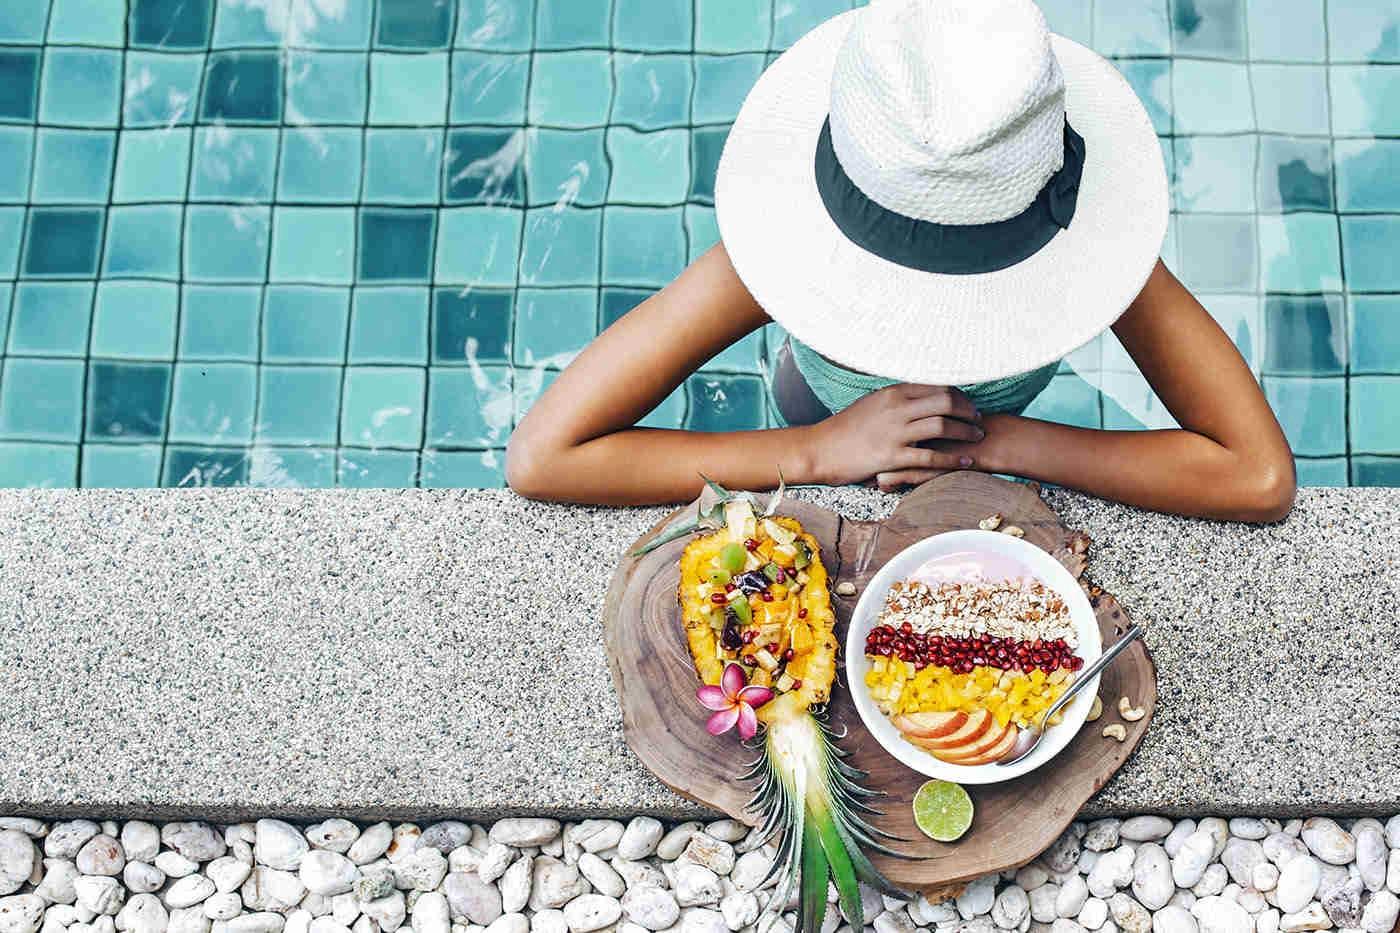 Dieta vegană afectează sănătatea oaselor? [studiu]